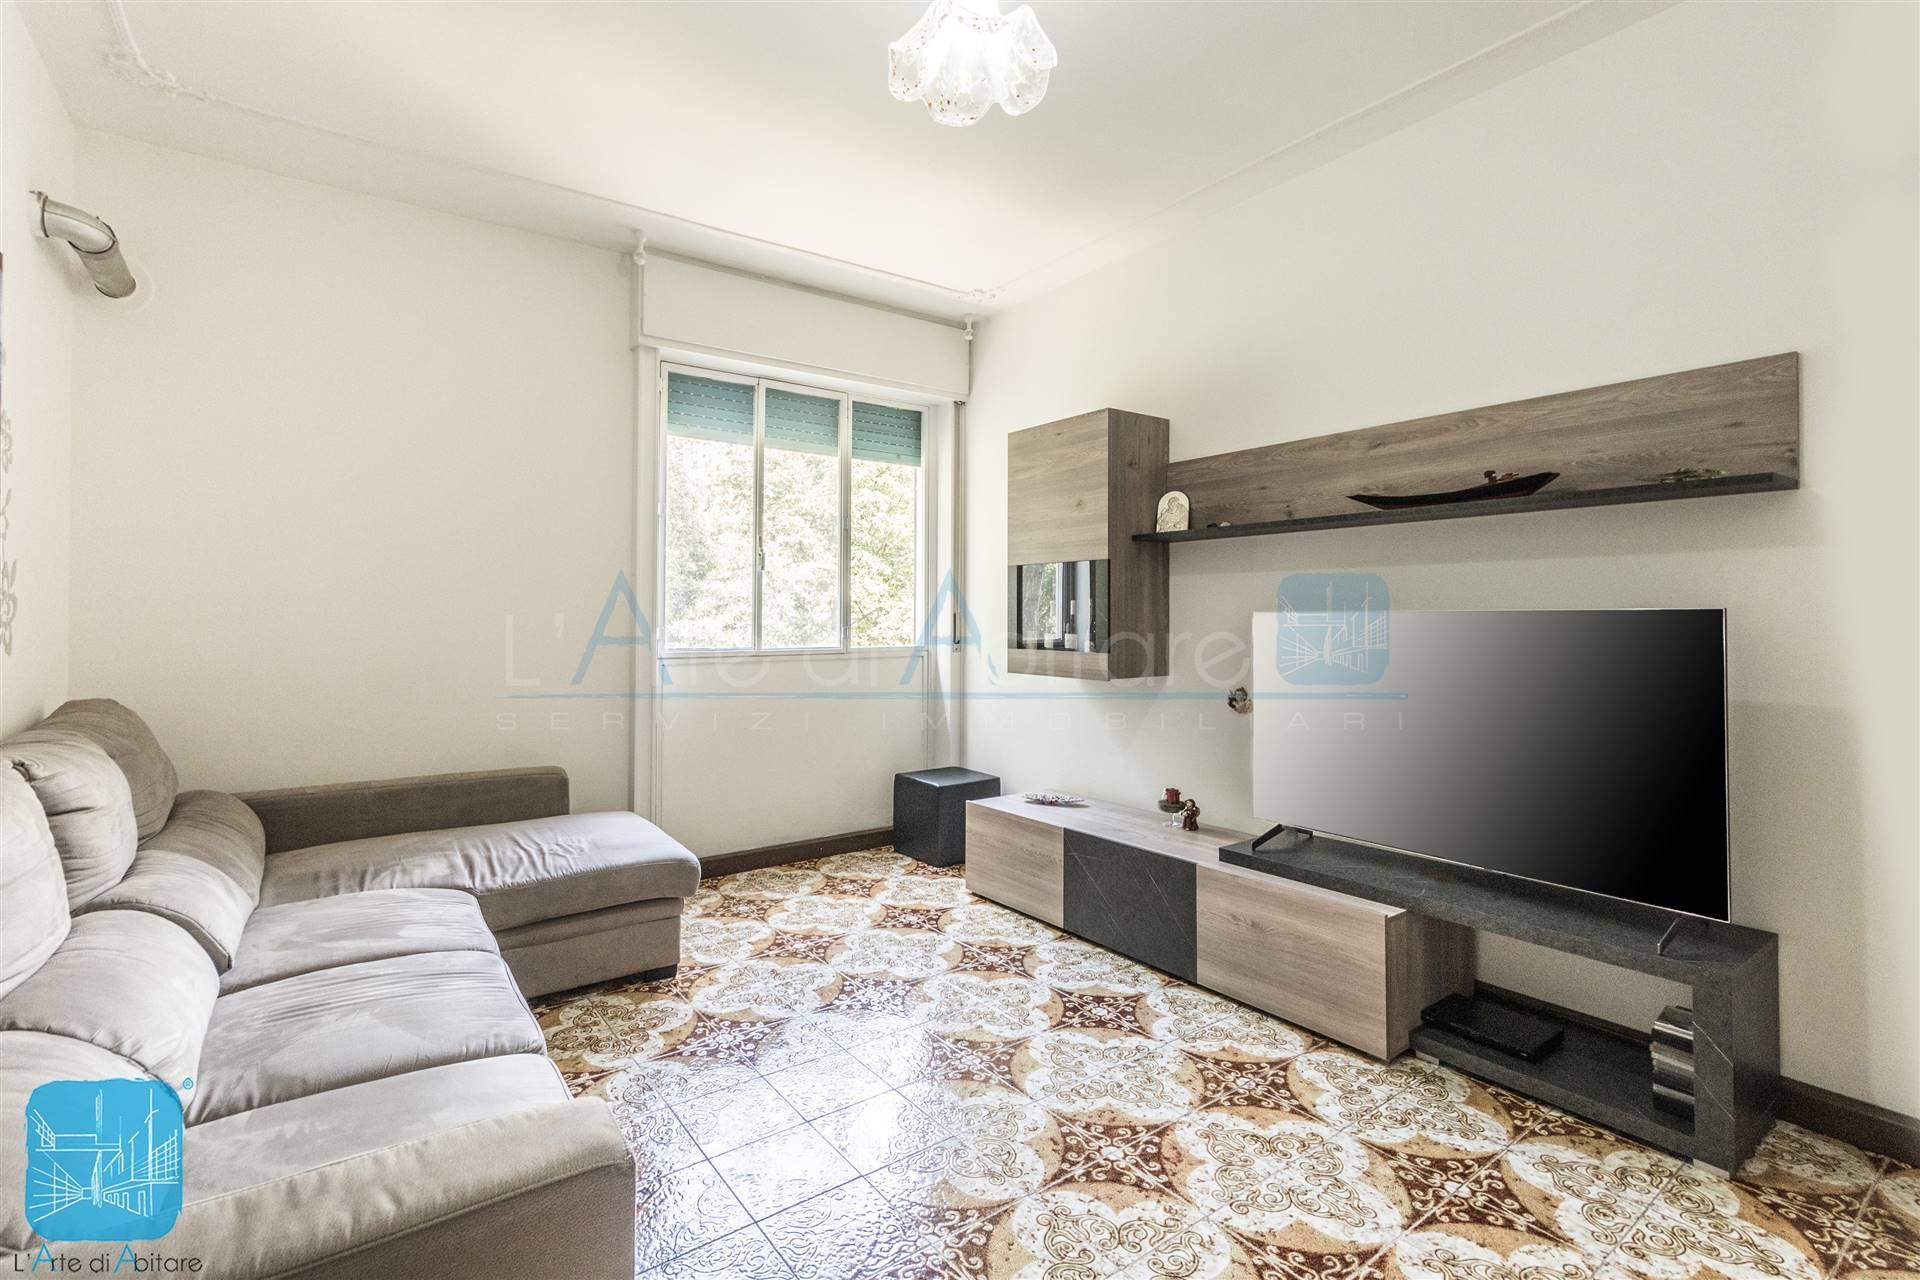 Appartamento in vendita a Venezia, 5 locali, zona Località: CAMPALTO, prezzo € 102.000   PortaleAgenzieImmobiliari.it